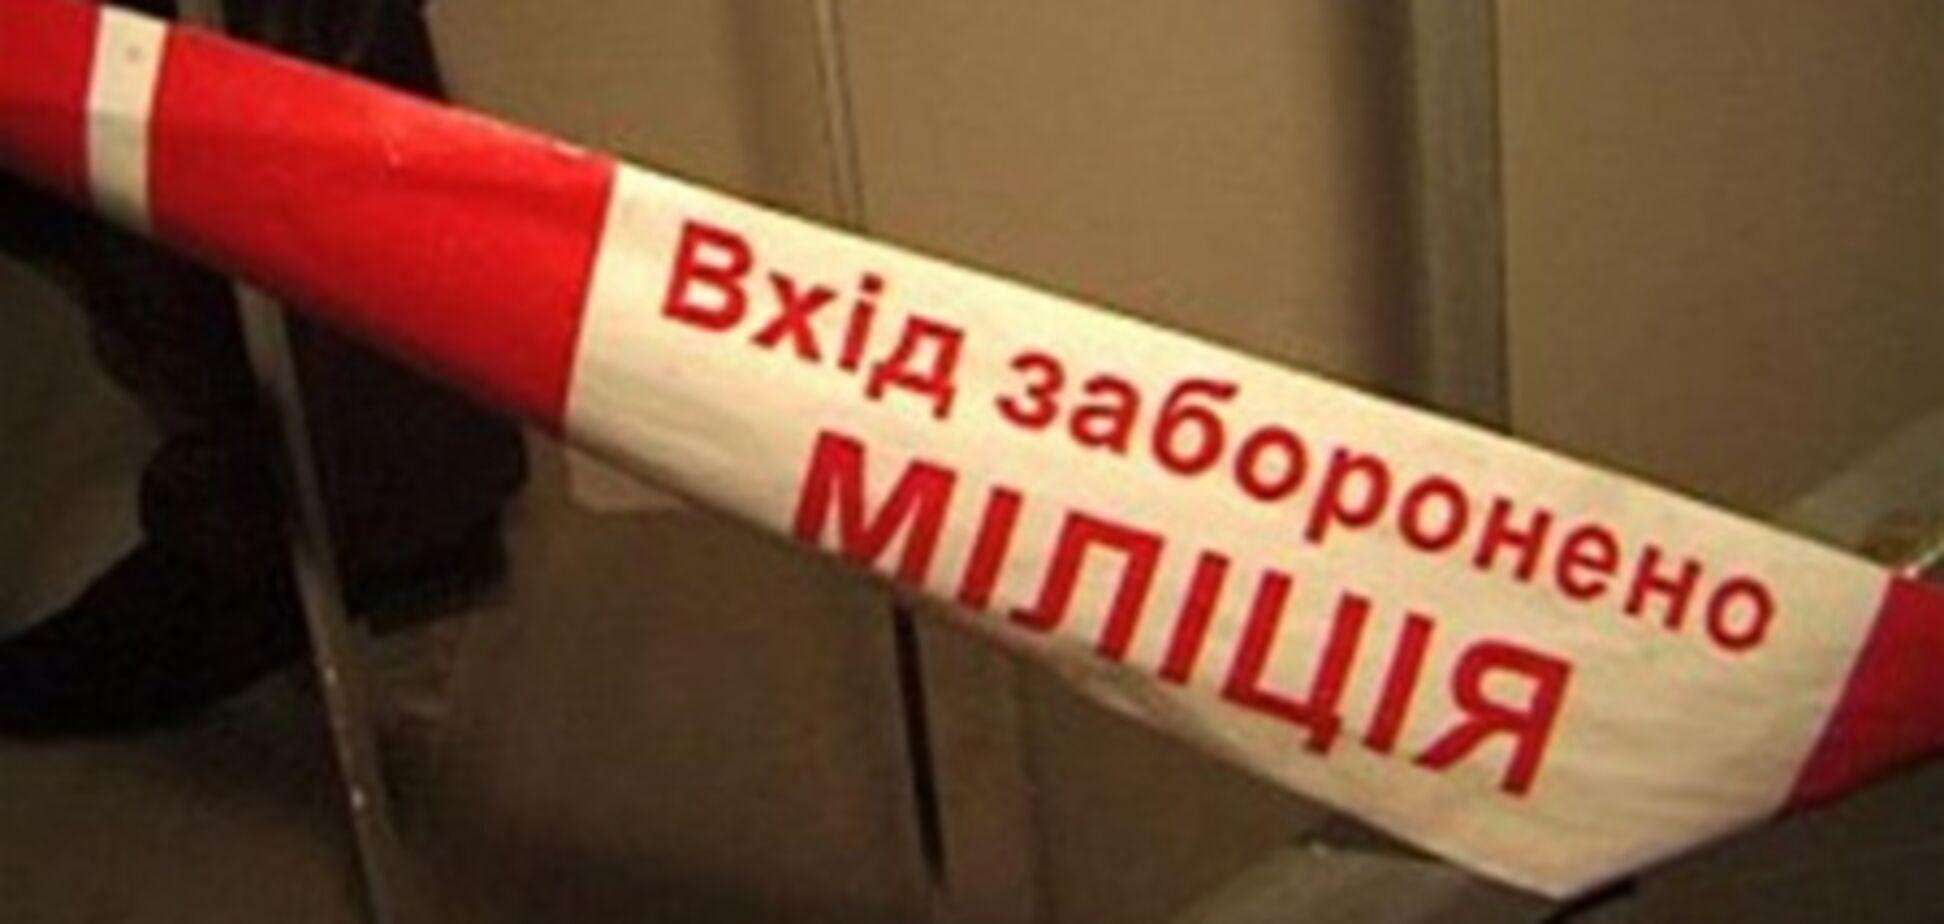 В деле об убийстве киевского судьи появился новый поворот